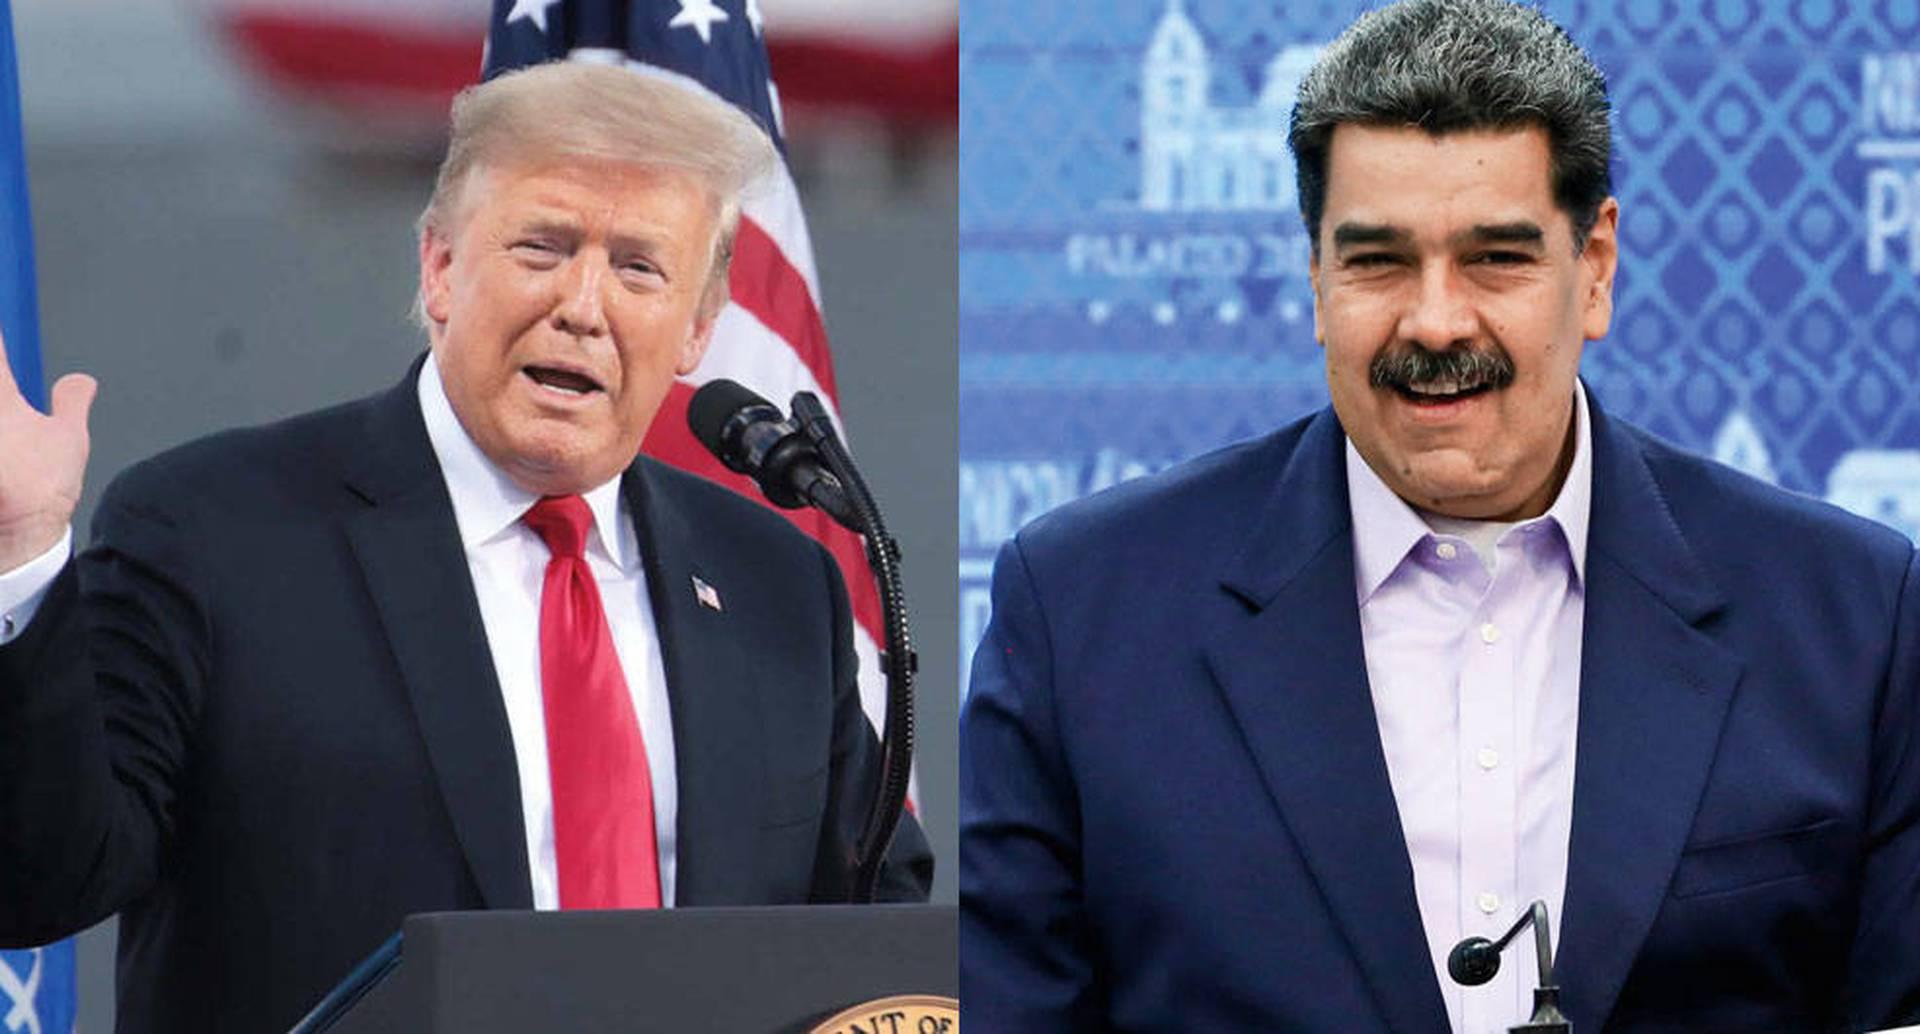 Tras la controversia que suscitó la oferta de  Donald Trump de reunirse con Maduro, el presidente de Estados Unidos tuvo que recoger banderas. Nicolás Maduro se ha mantenido en el poder y hasta ahora ha sobrevivido a las denuncias  sobre corrupción y narcotráfico